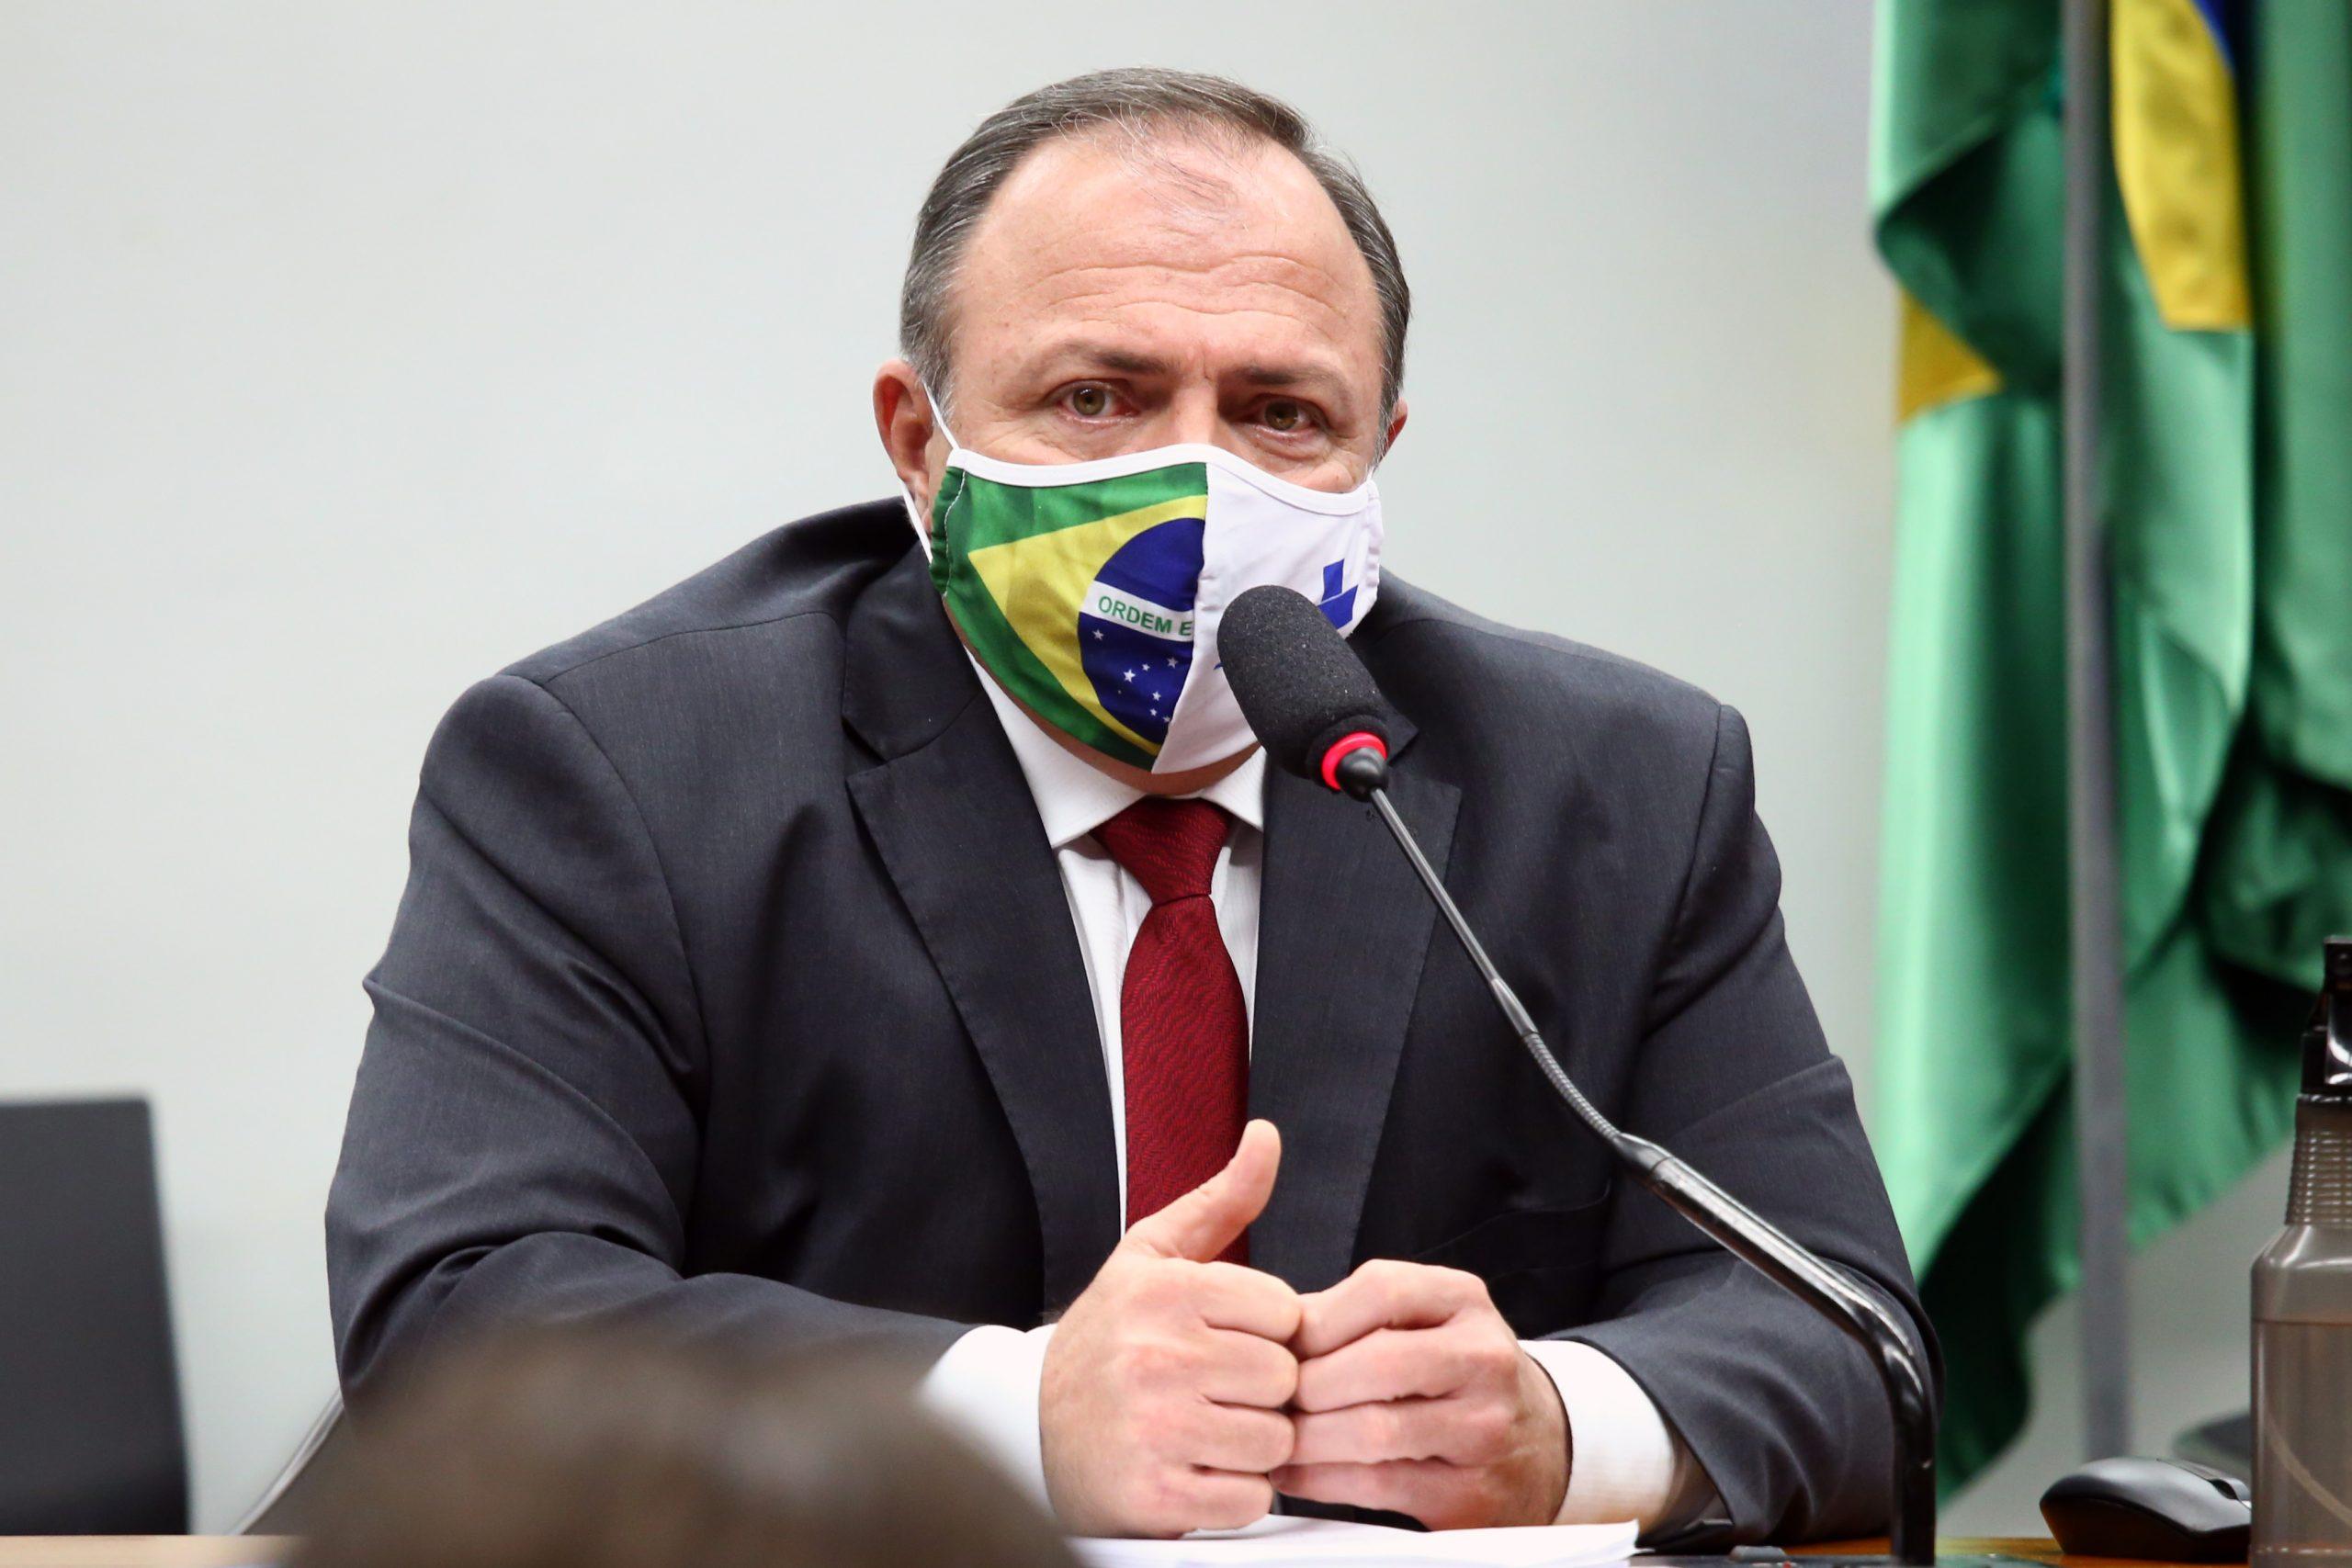 Governo avalia distribuir 'kit Covid' com cloroquina e ivermectina, diz ministro